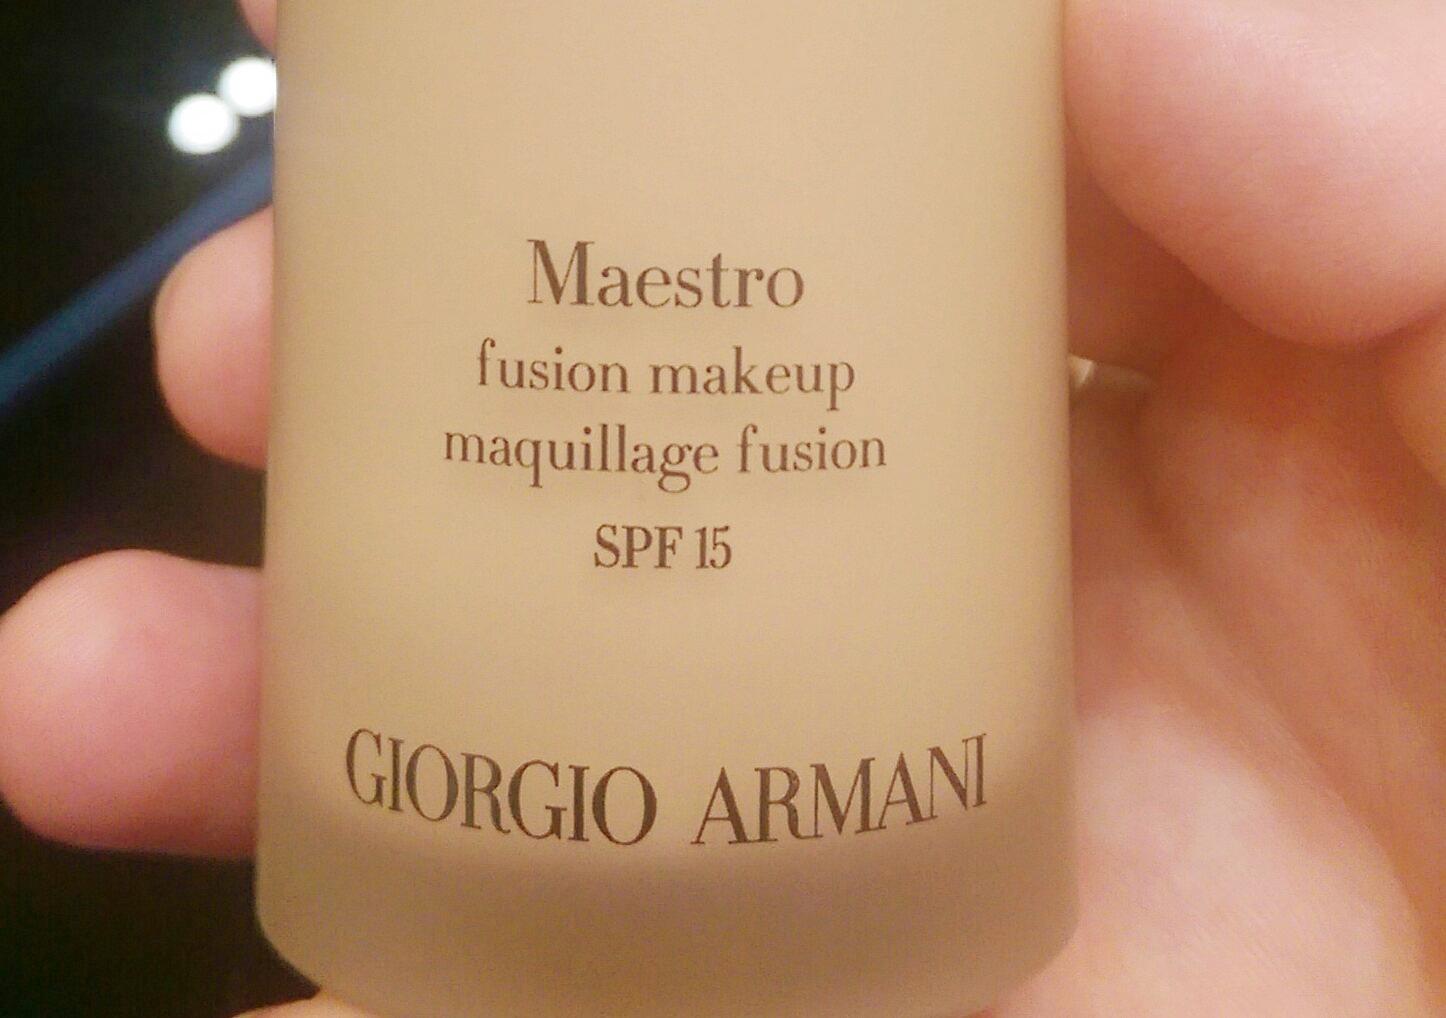 Giorgio Armani Maestro Fusion Foundation